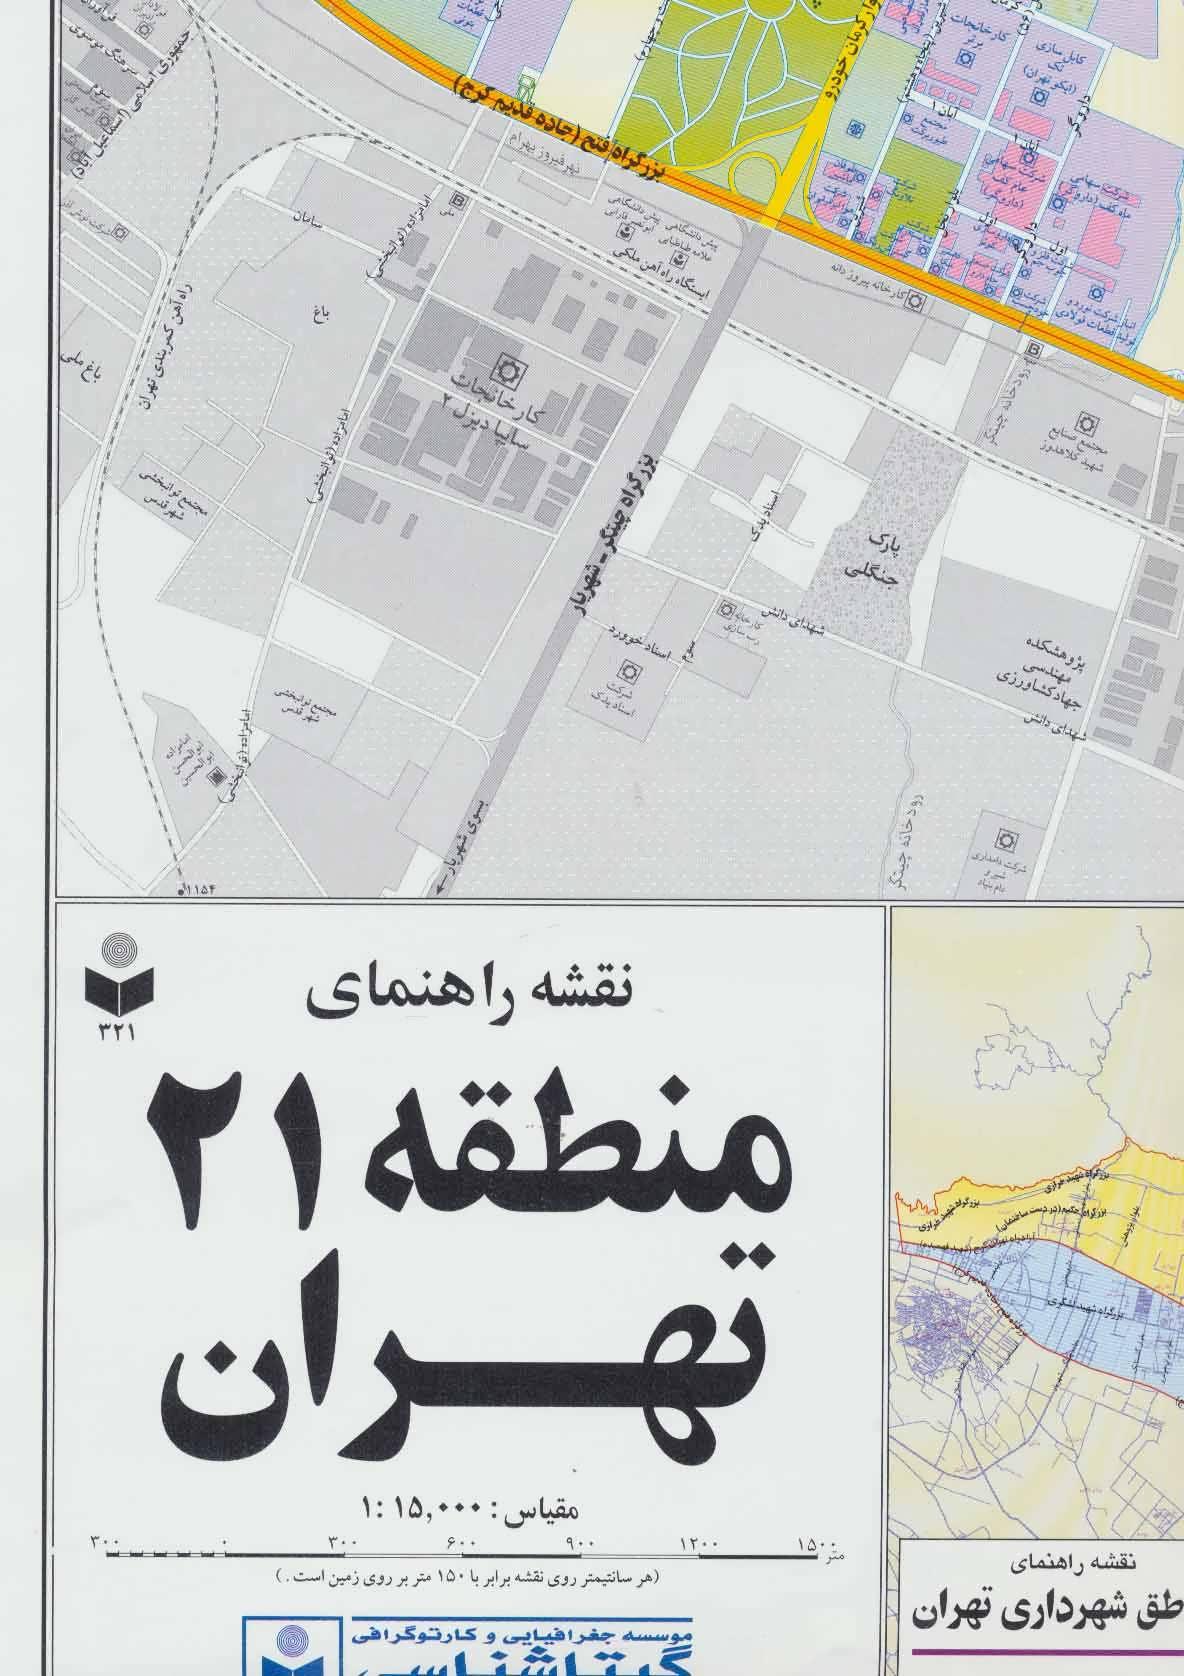 نقشه راهنمای منطقه21 تهران کد 321 (گلاسه)